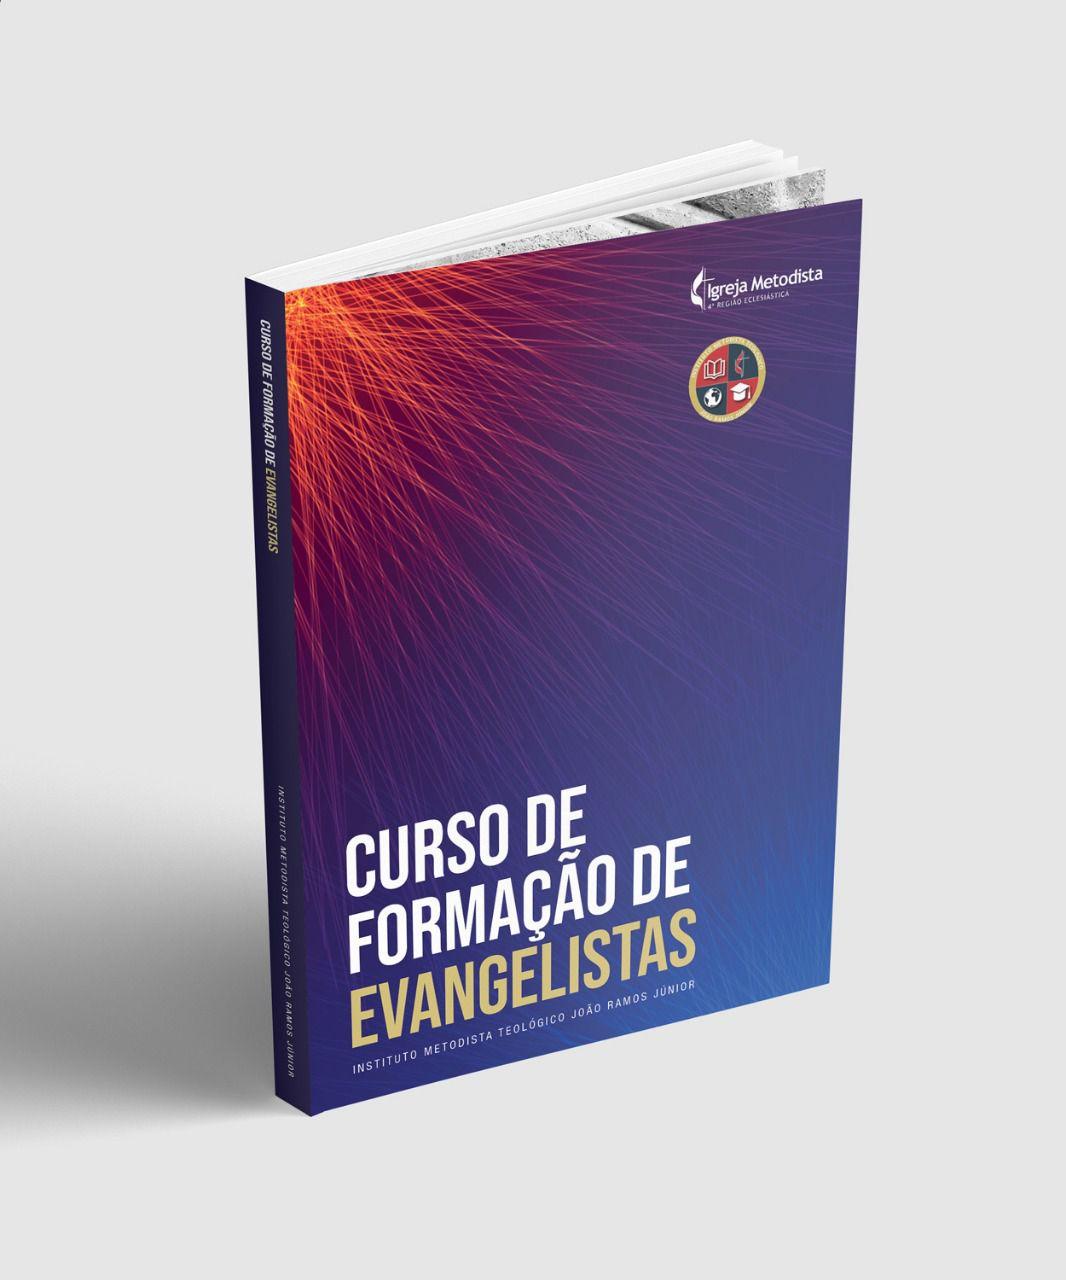 CURSO DE FORMAÇÃO DE EVANGELISTAS  - INSTITUTO JOAO RAMOS JUNIOR